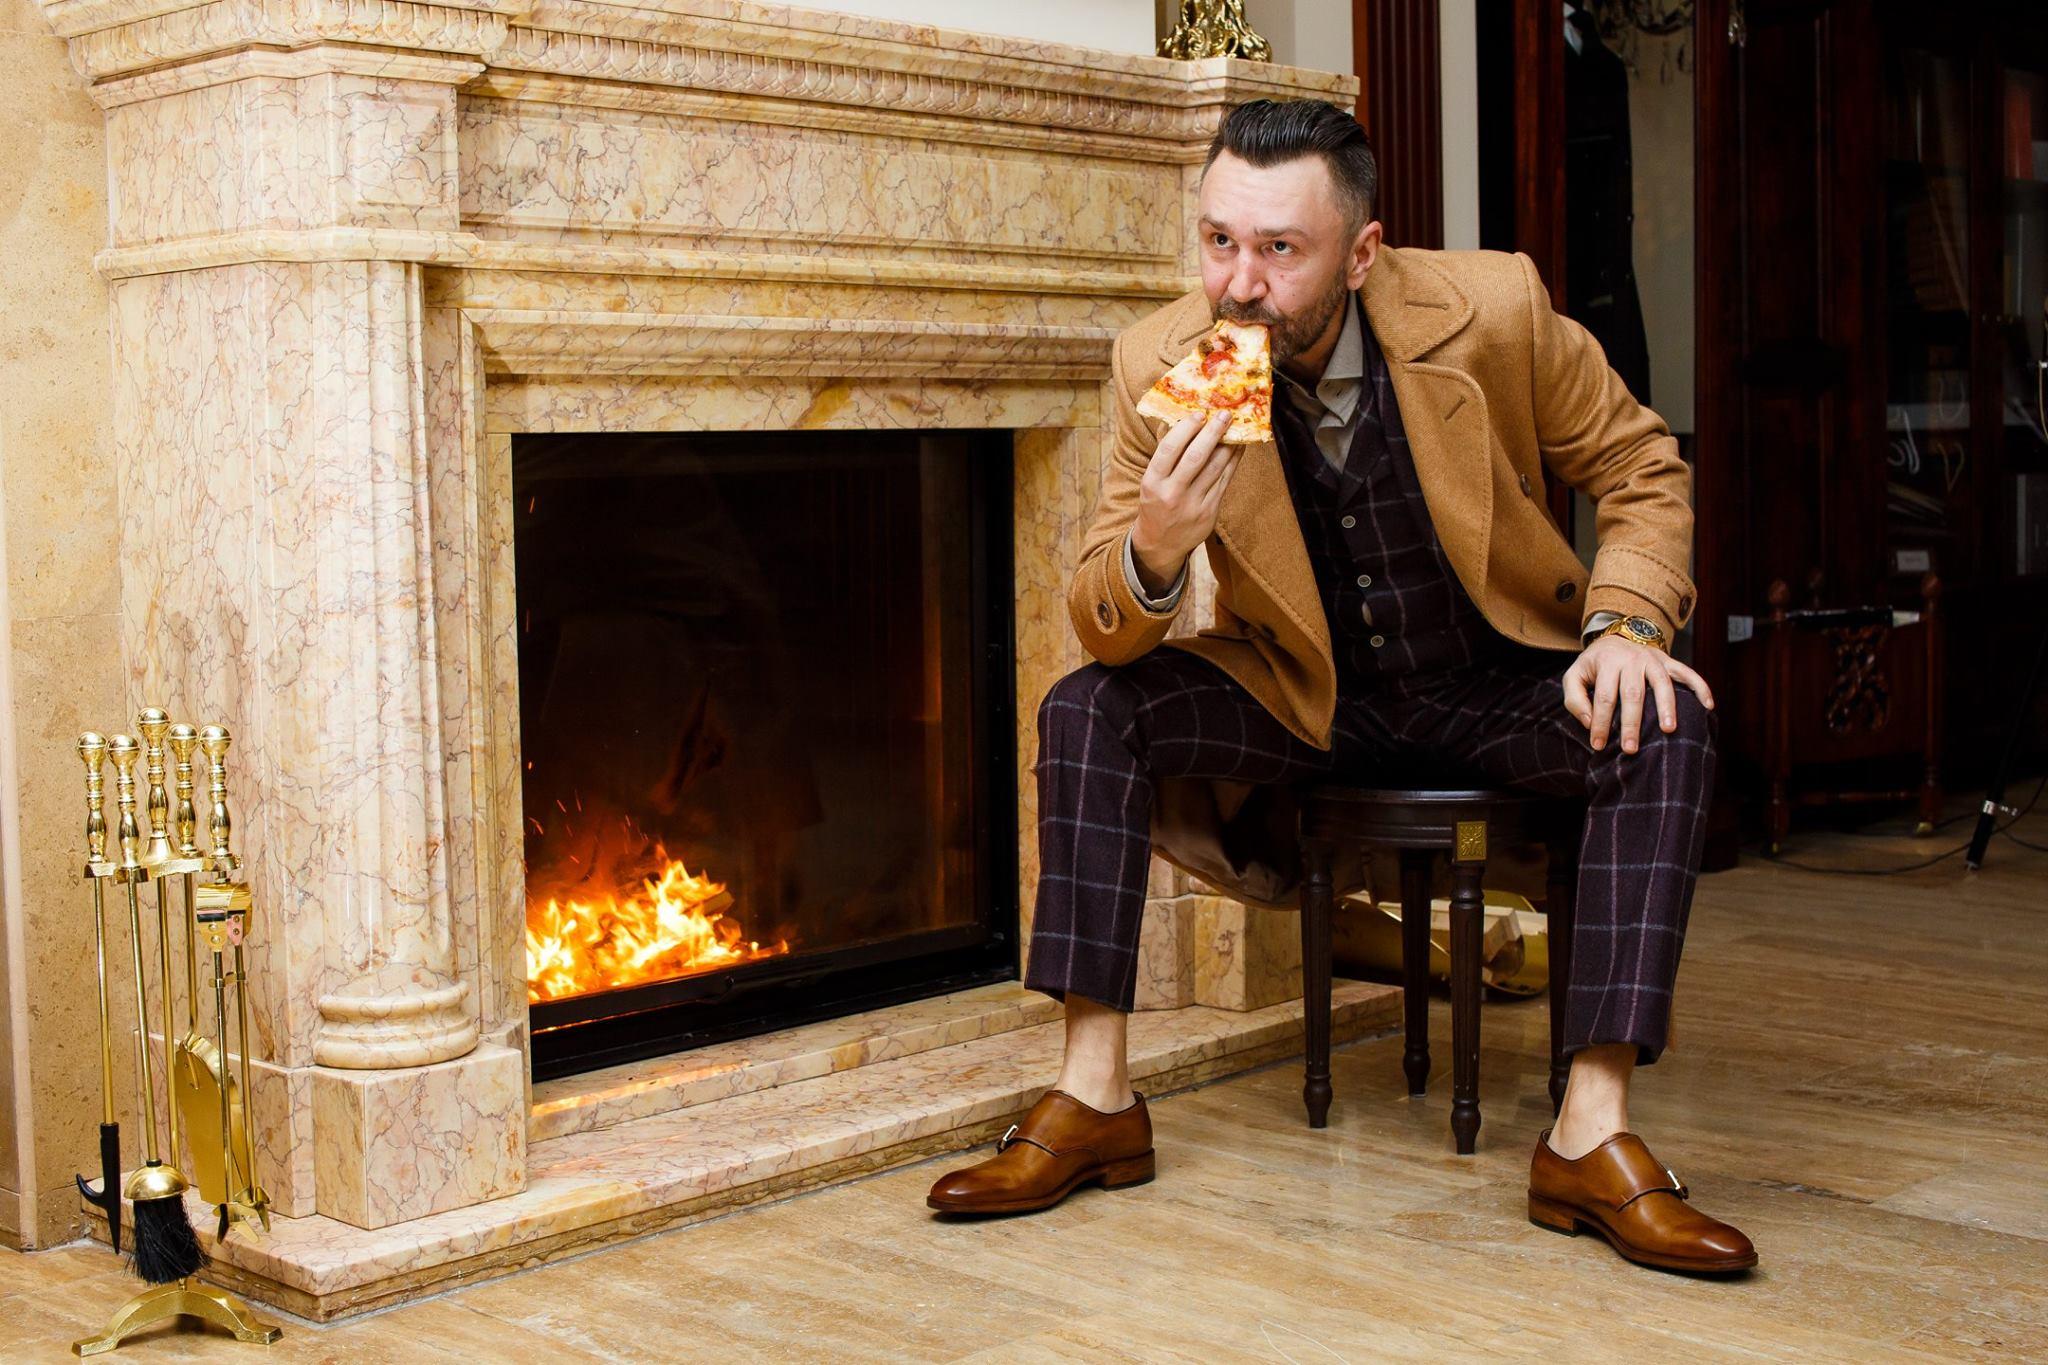 Мастерская Классического Костюма: Сергей Шнуров рассказал о своем взгляде на капсульную коллекцию